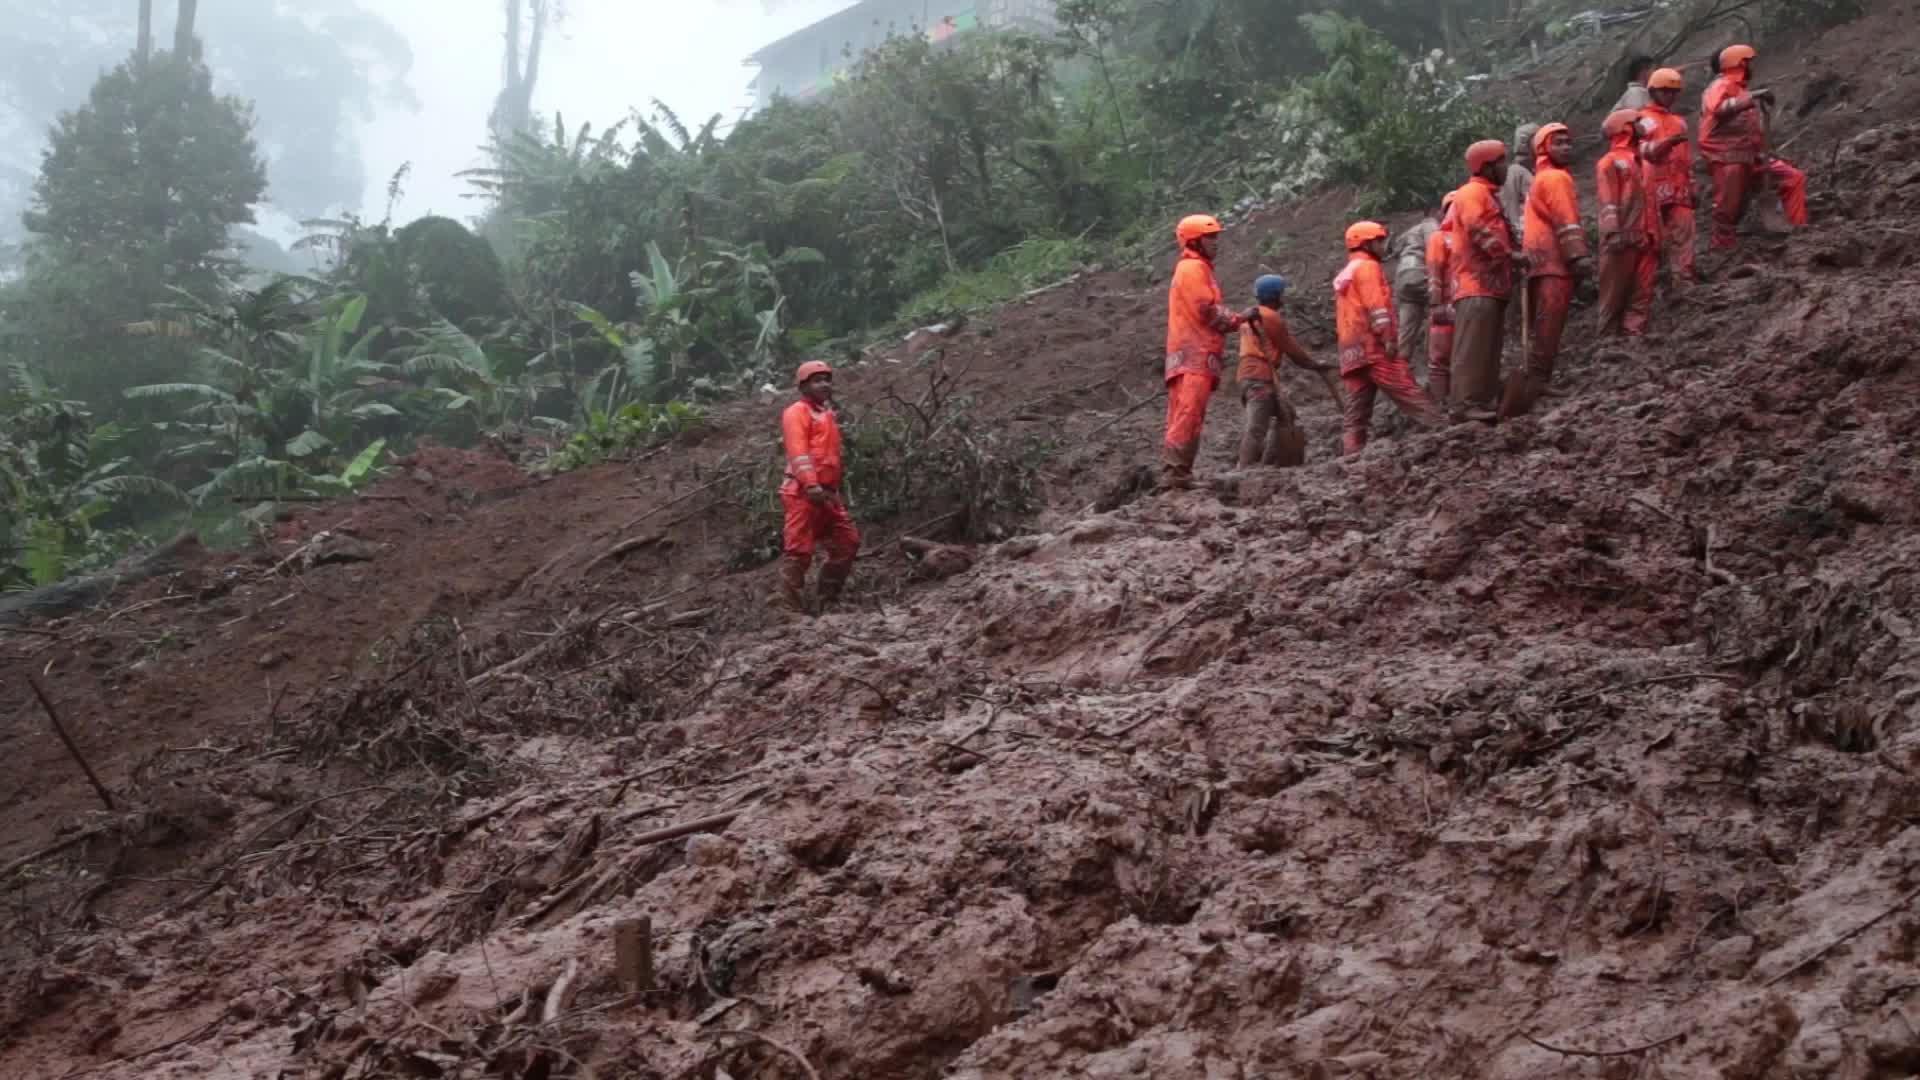 Landslide victim evacuation at Bogor, West Java